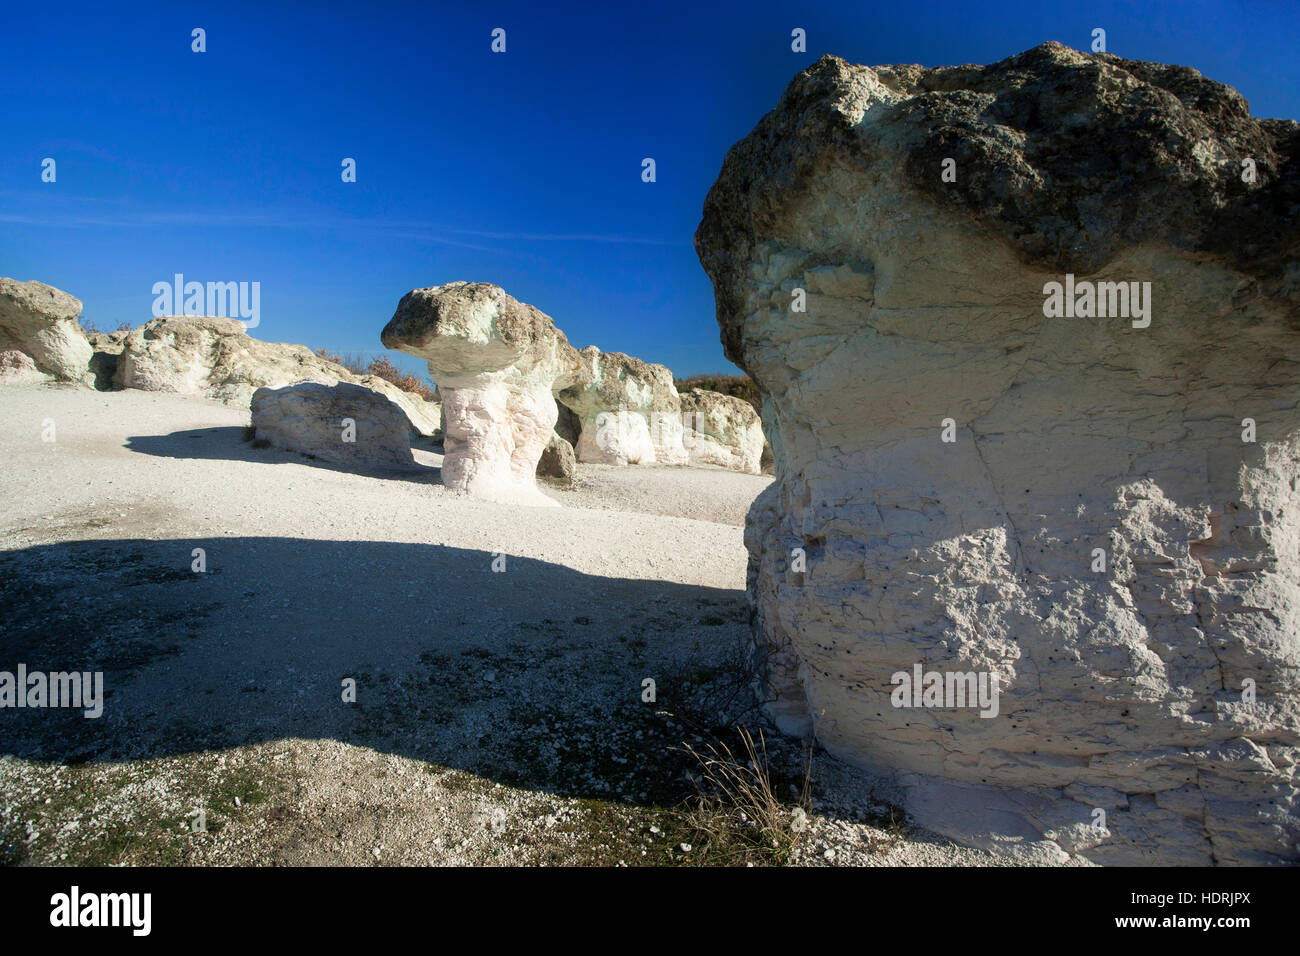 Sandstein-Pilze-Phänomen in der Nähe von Kurdjali, Bulgarien Balkan Rhodopi Gebirge Stockbild